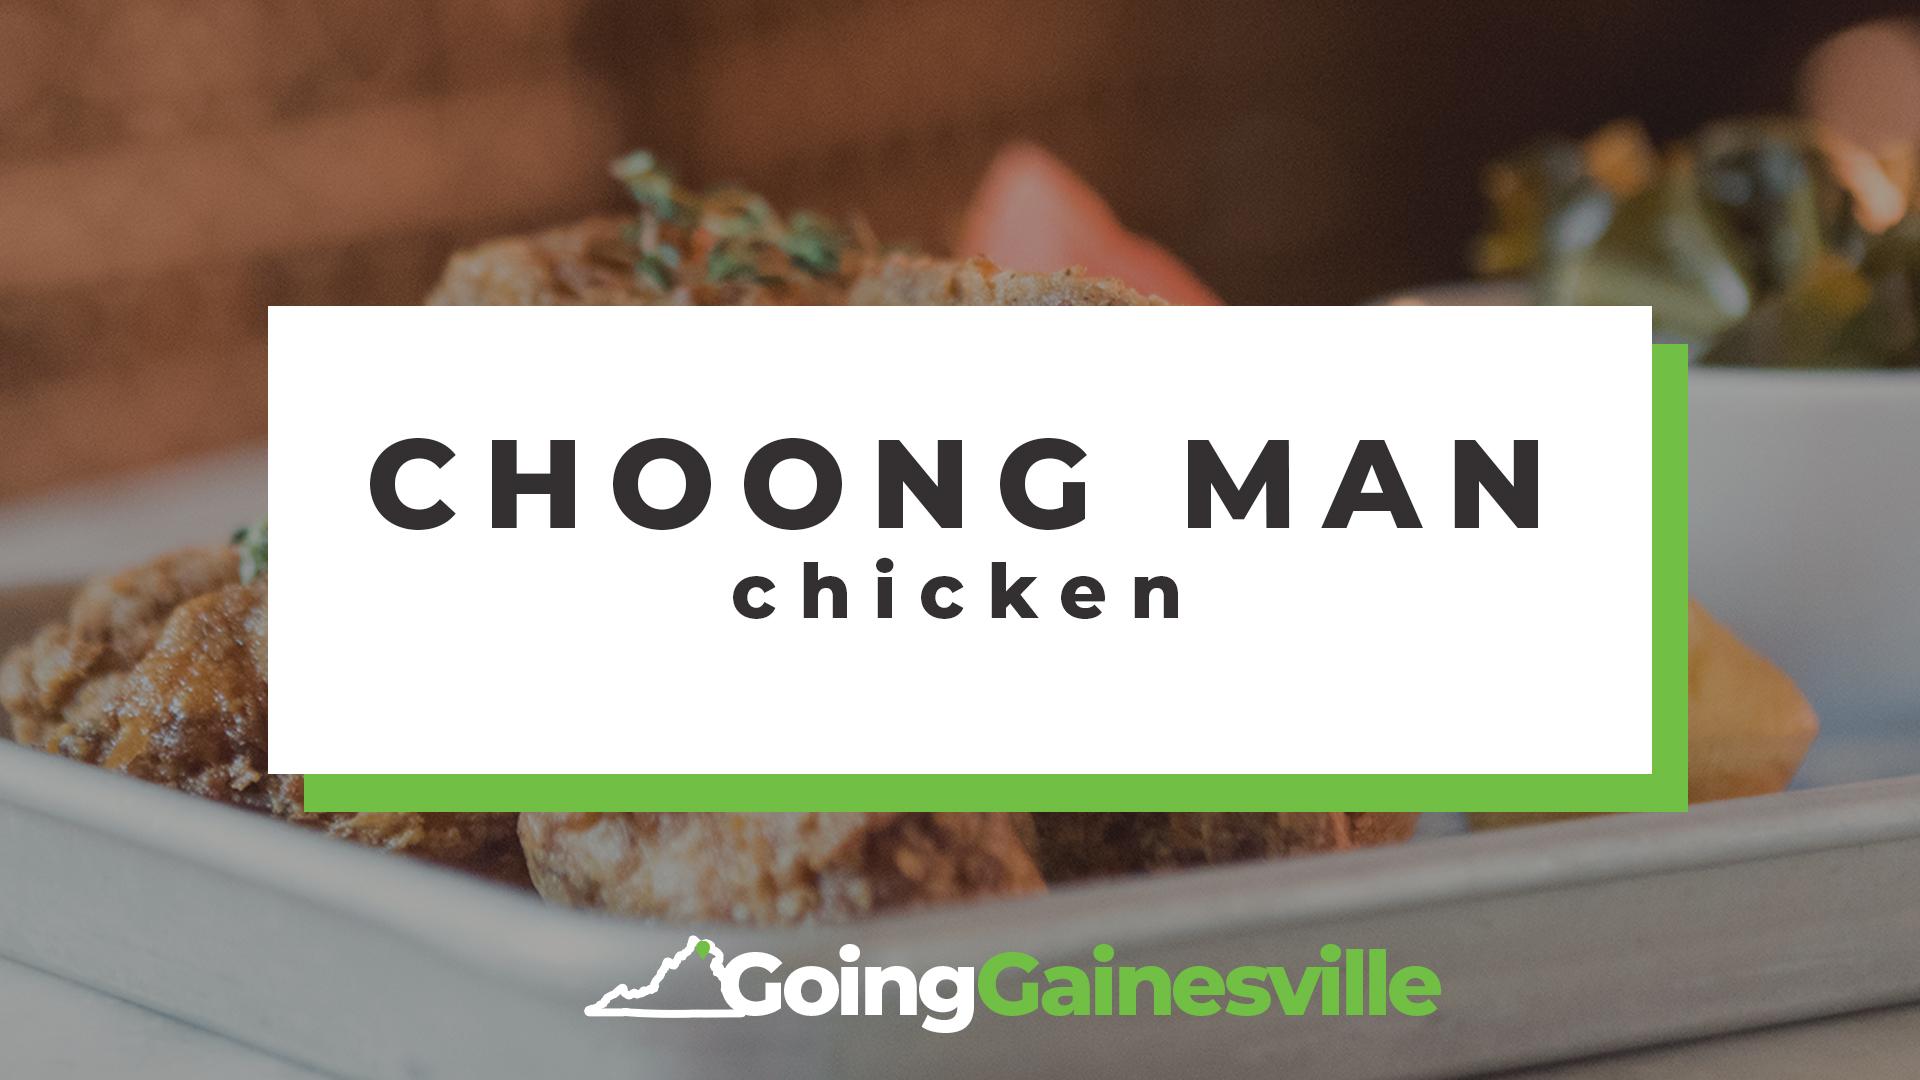 Choong Man Chicken